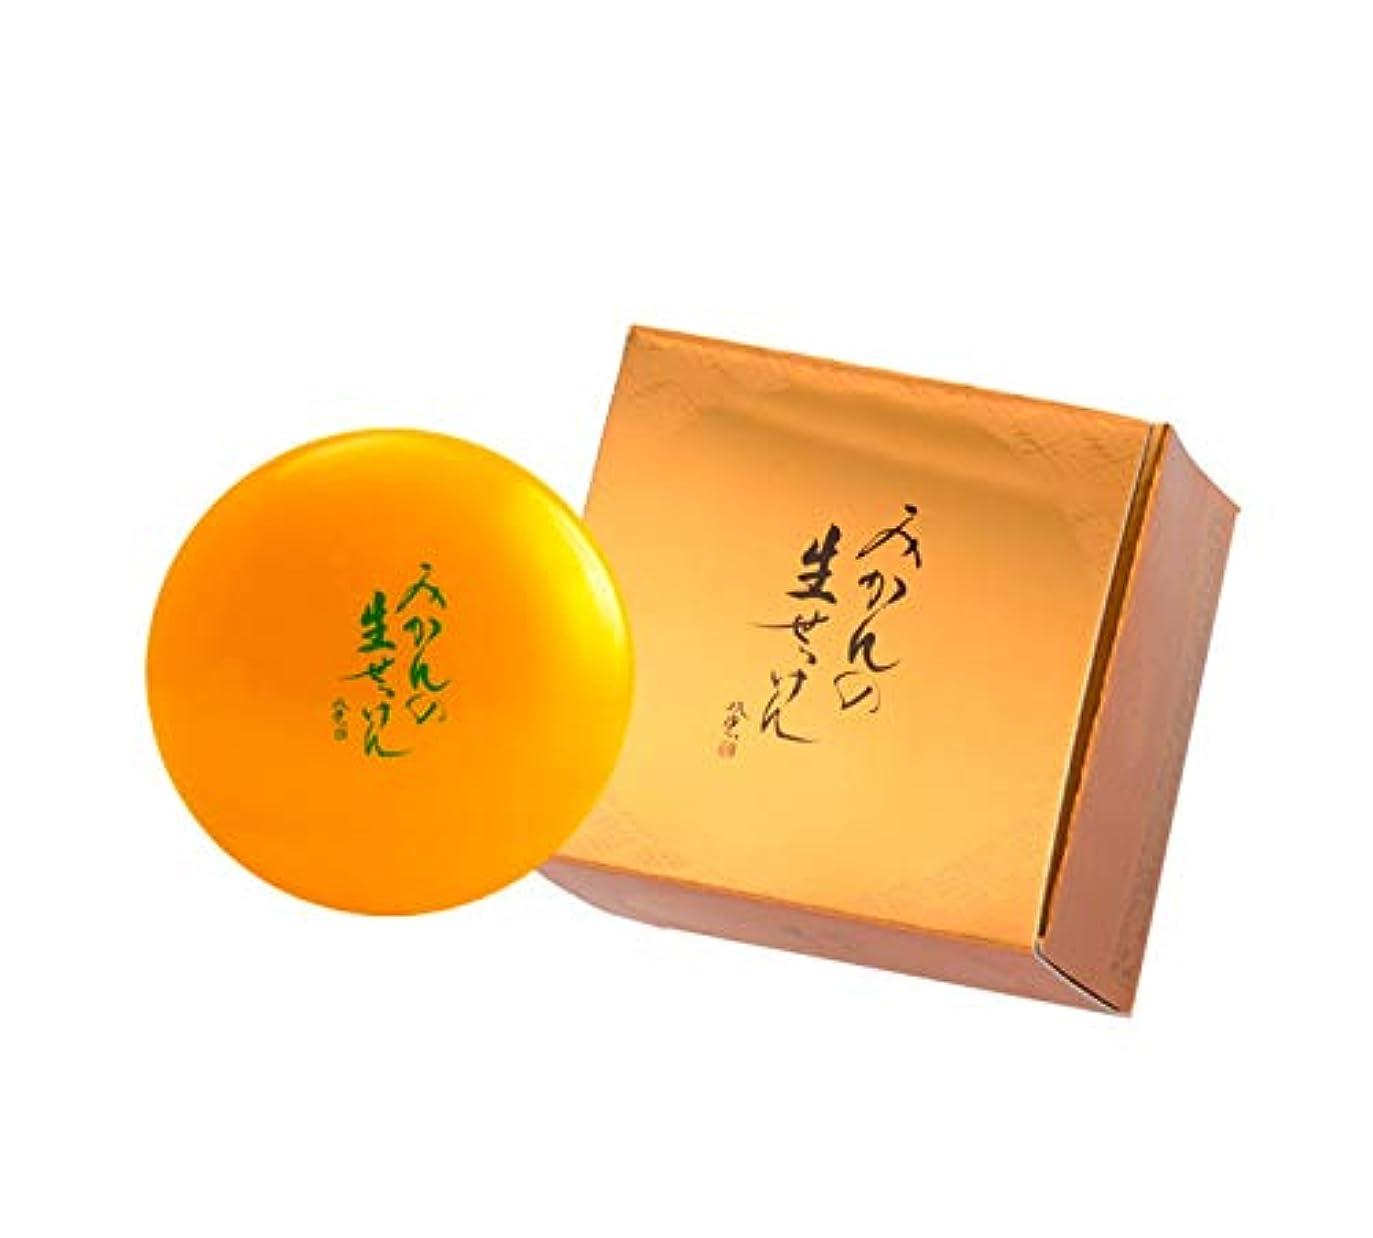 支配する十分なしばしばUYEKI美香柑みかんの生せっけん120g×24個セット